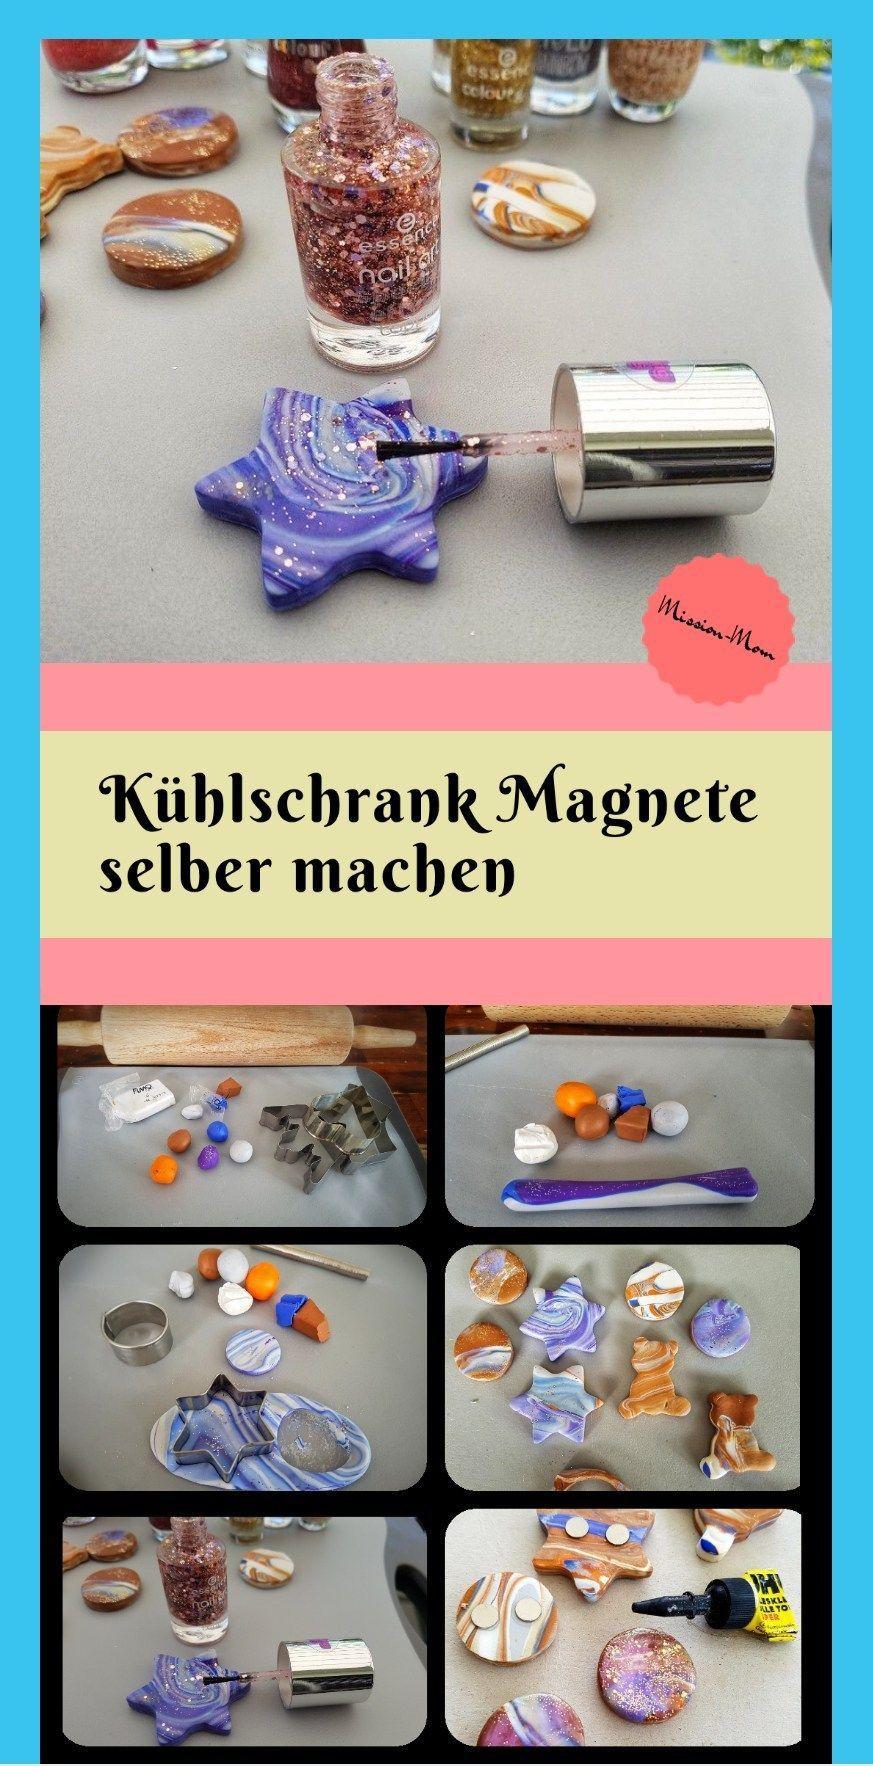 DIY Magnete aus Fimo-ein tolles Geschenk mit Kindern basteln #weihnachtsgeschenkebasteln